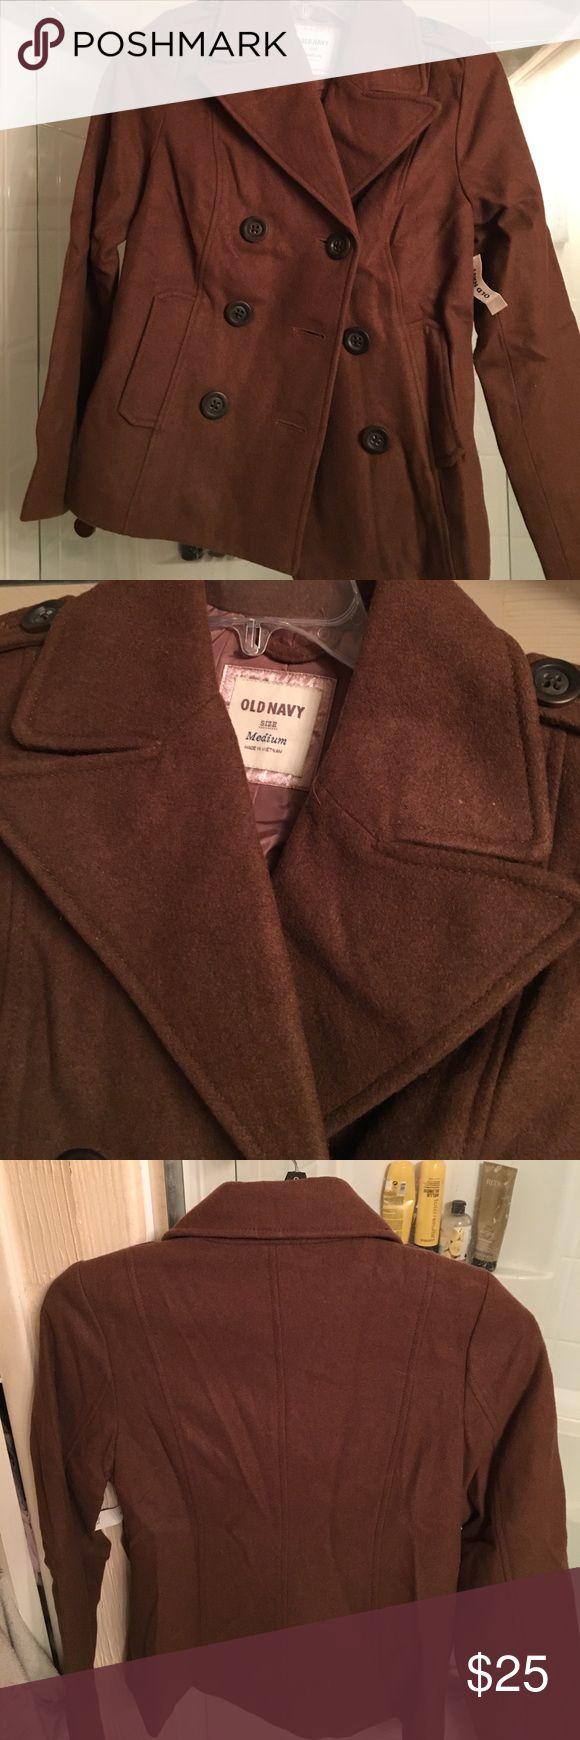 New Old Navy pea coat brown medium NWT New with tags old navy brown pea coat medium Old Navy Jackets & Coats Pea Coats